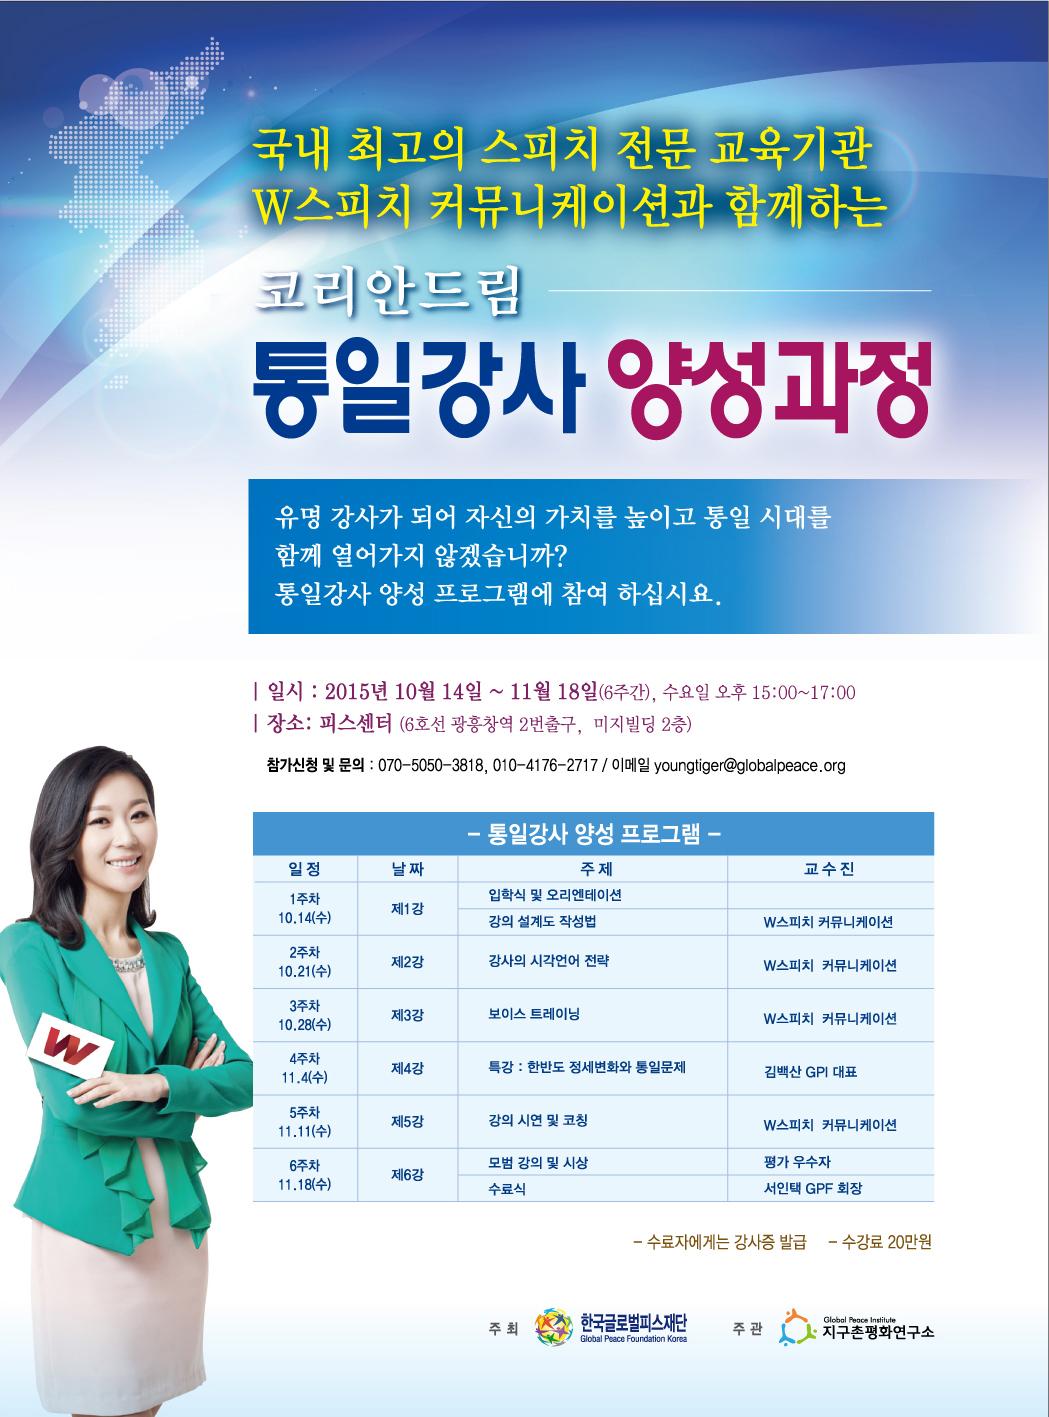 한국GPF, 통일강사 양성과정 참여자 모집